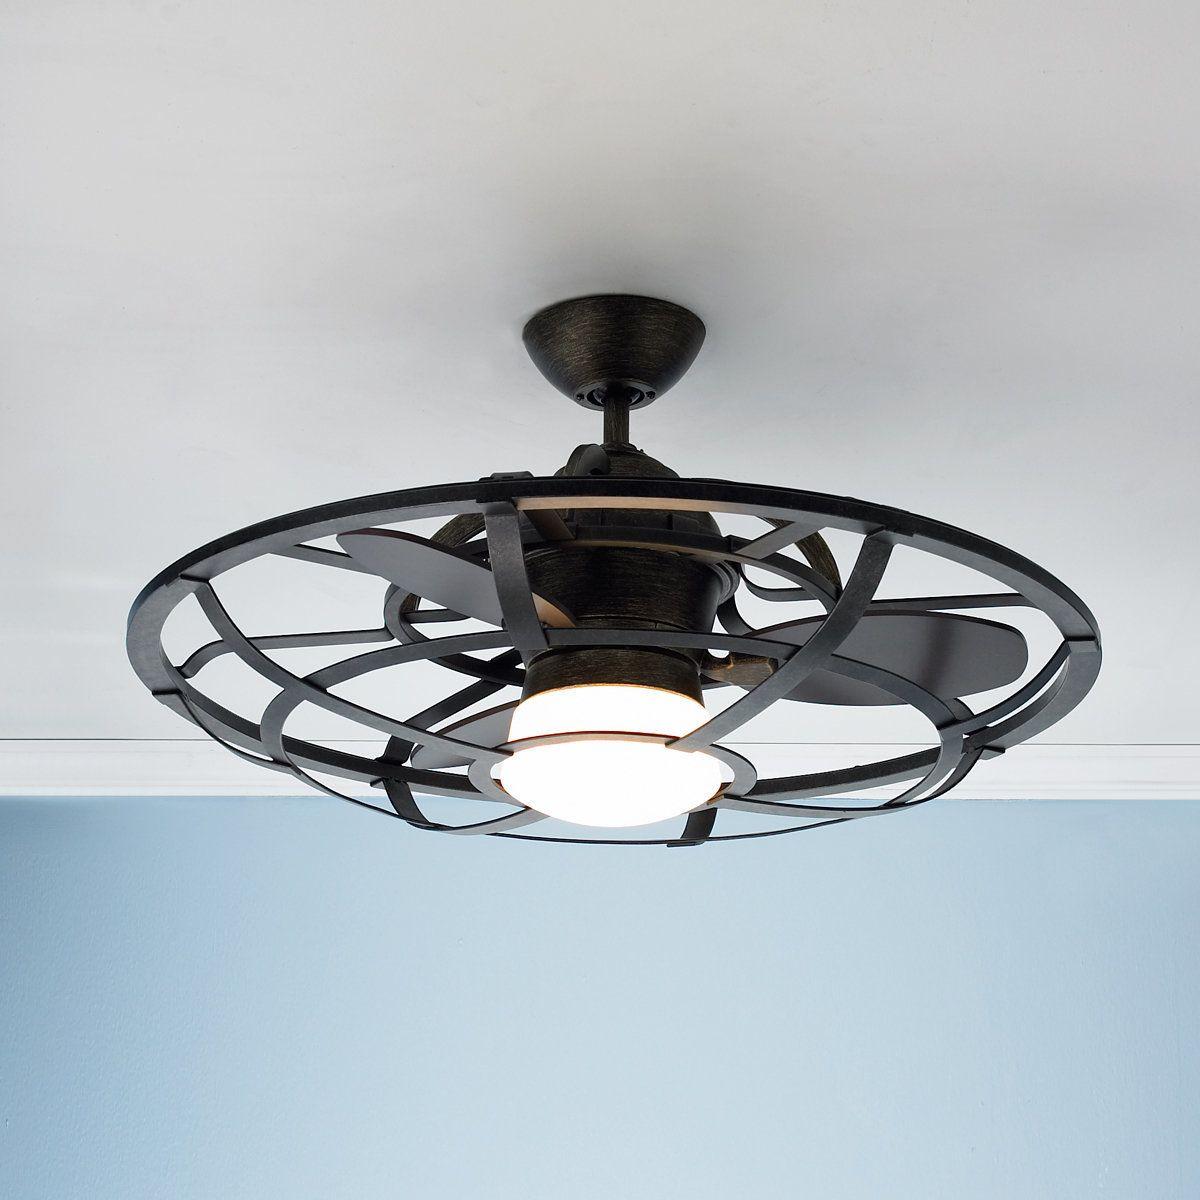 32 Vintage Breeze Dc Bronze Black Cage Ceiling Fan 21c48 Lamps Plus Caged Ceiling Fan Ceiling Fan Black Ceiling Fan